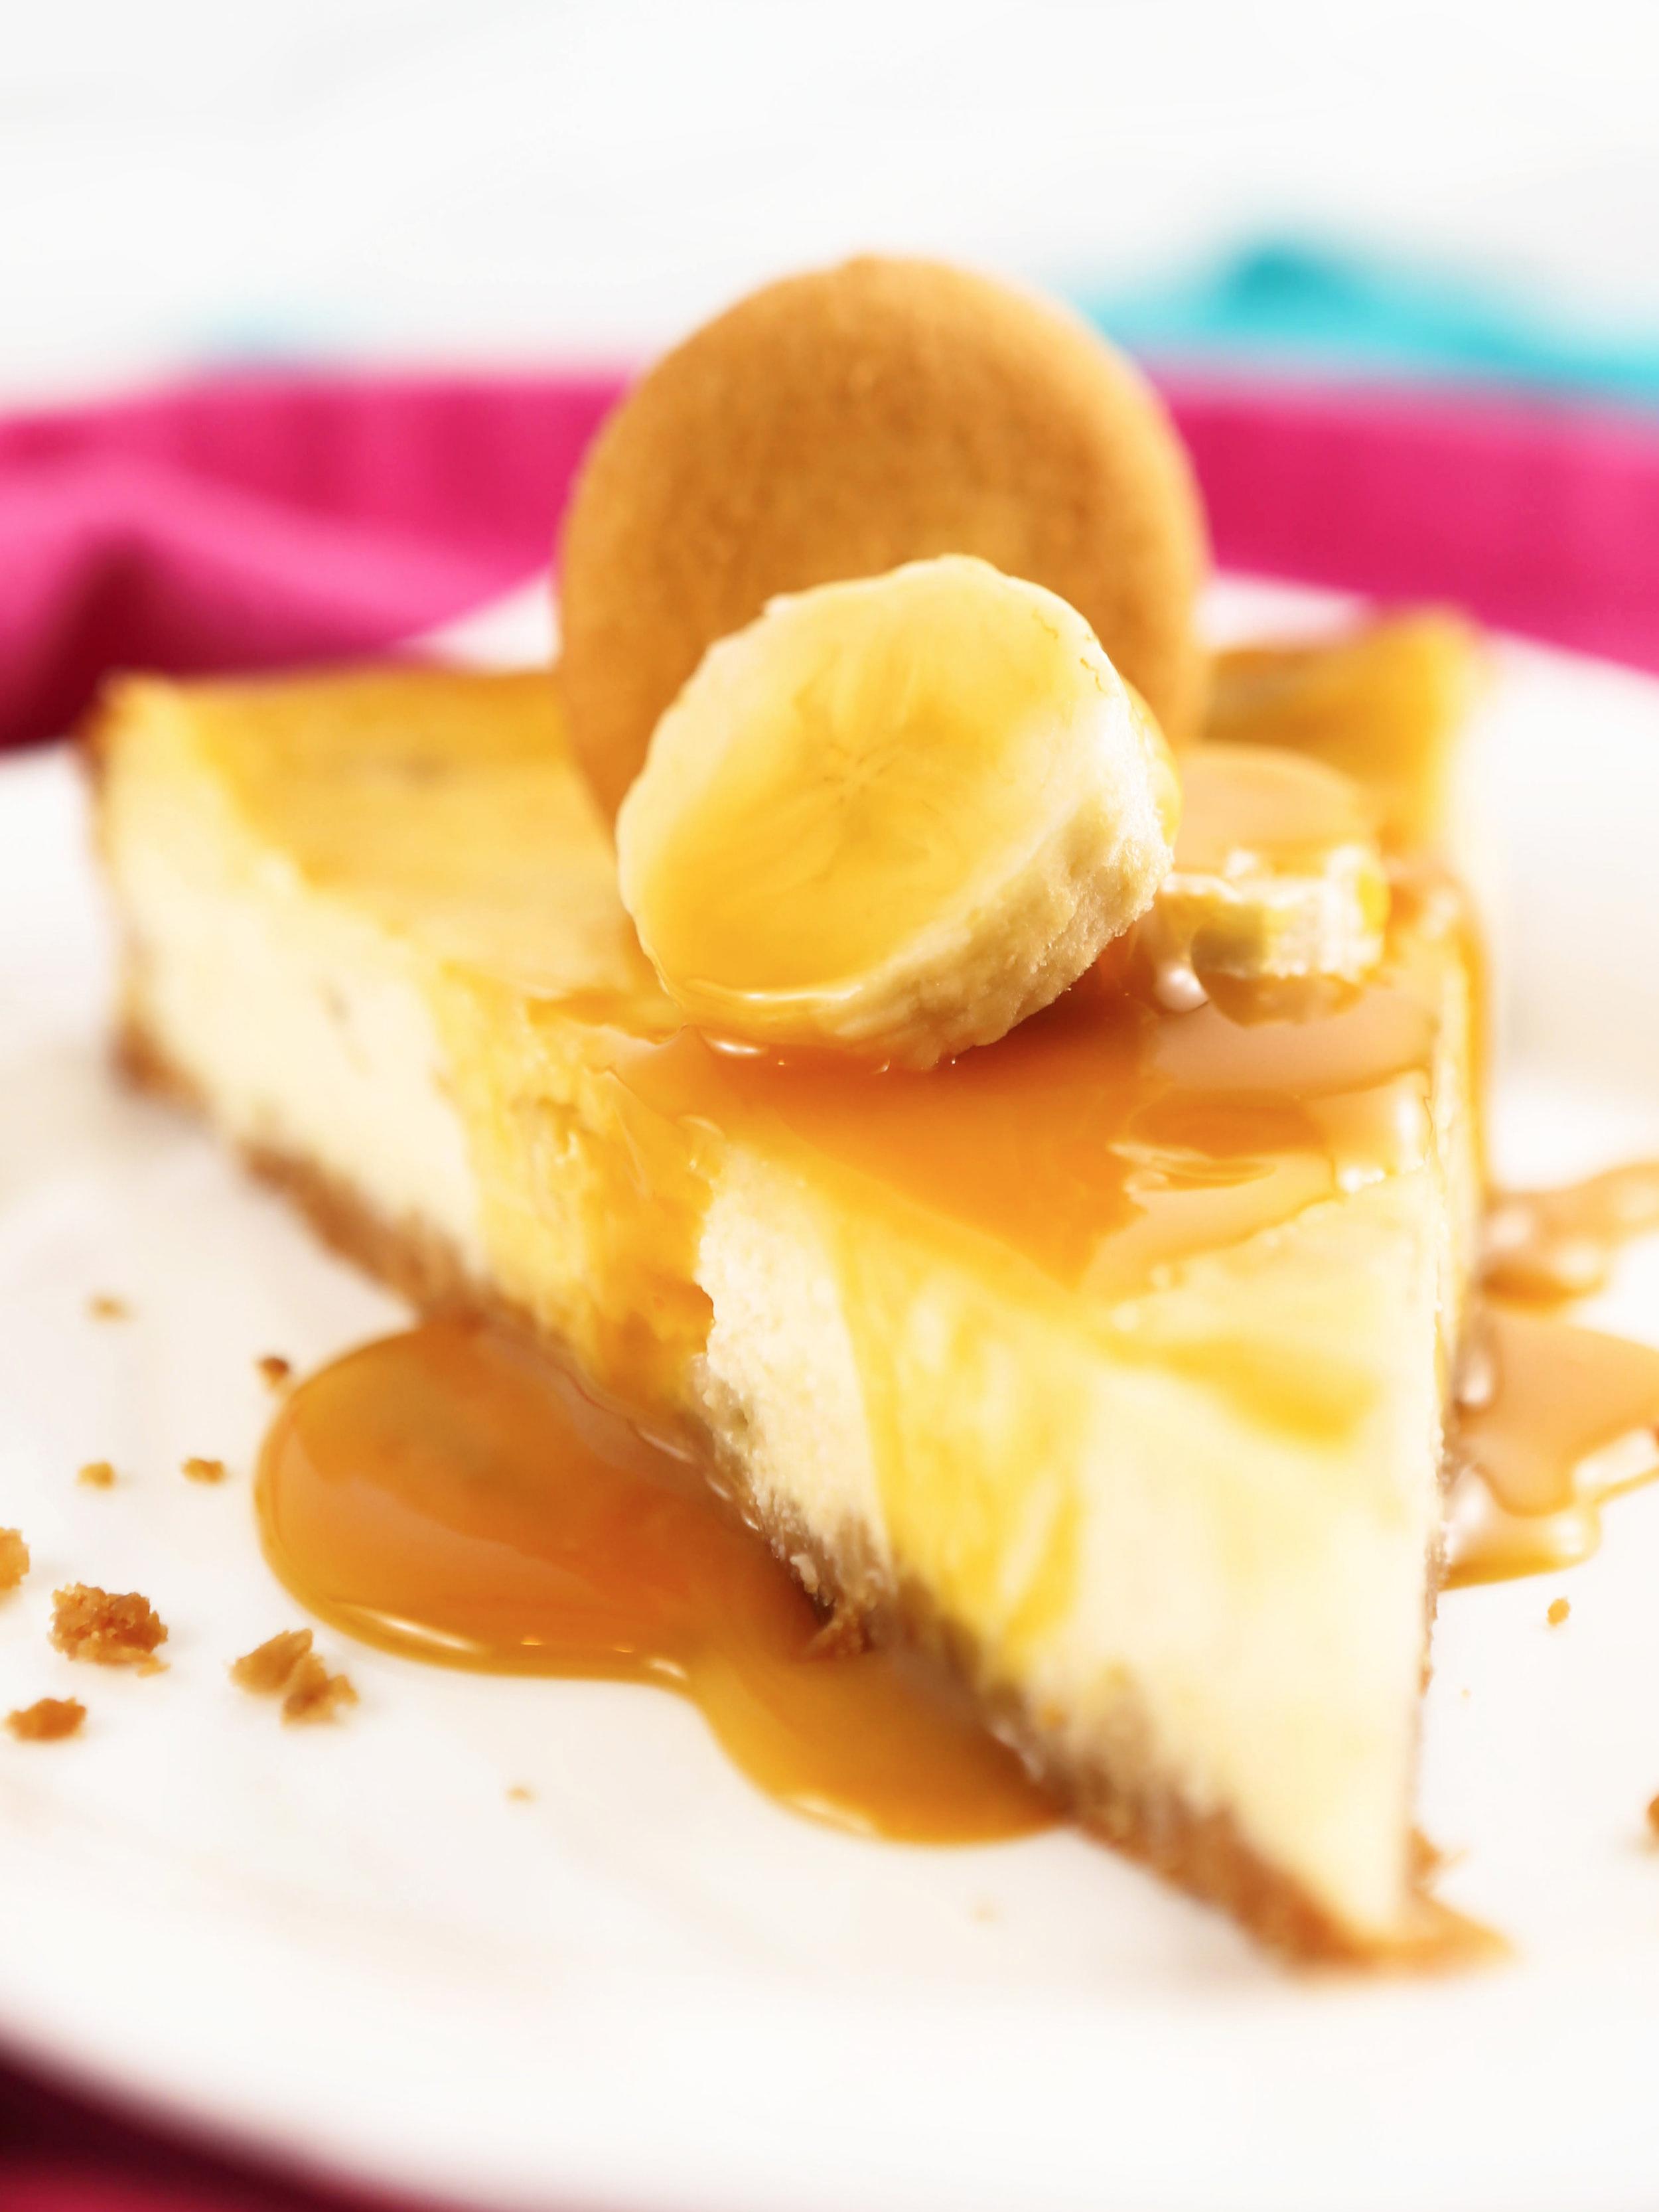 Best Ever Banana Cheesecake Recipe